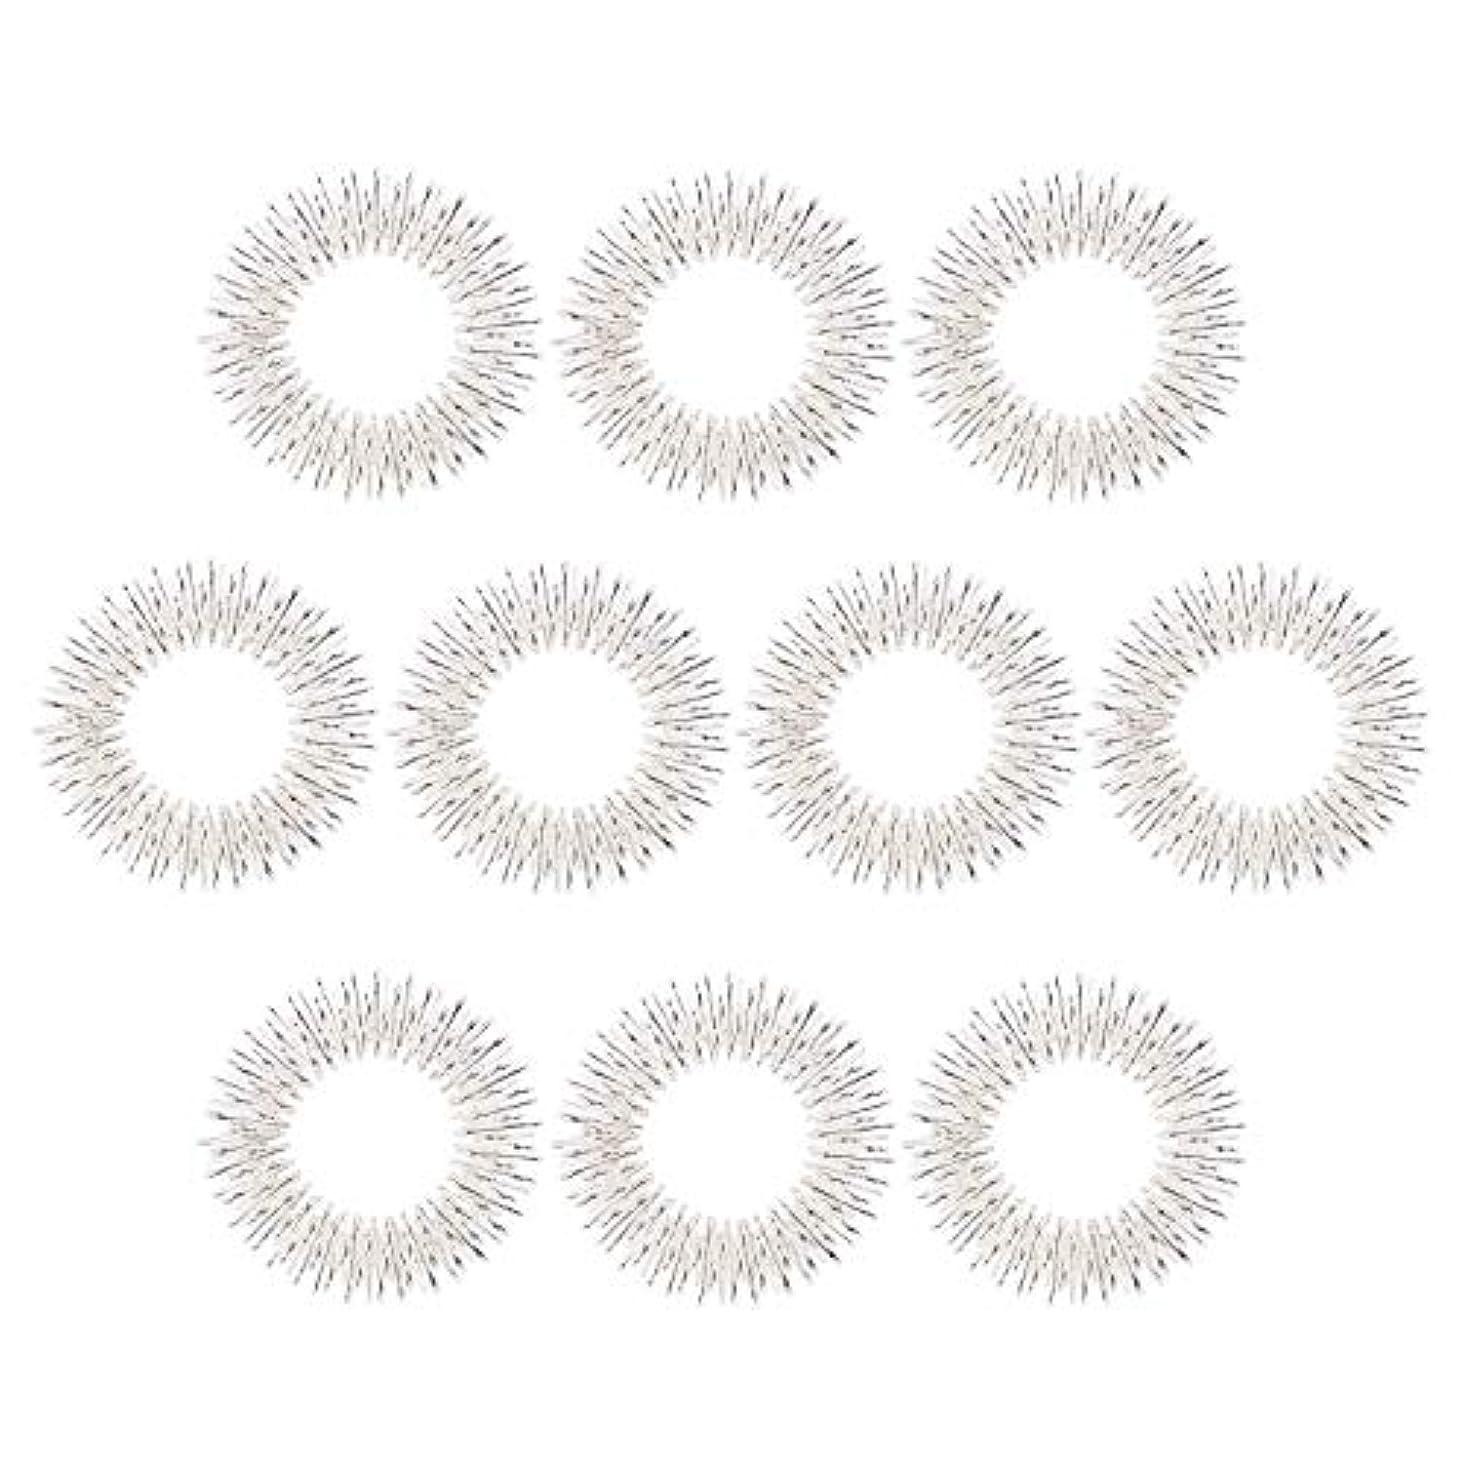 封筒のヒープ膨張するマッサージリング 10個入り 指マッサージ リング 鍼リング ヘルス ケア 疼痛 治療 (10枚 シルバー)